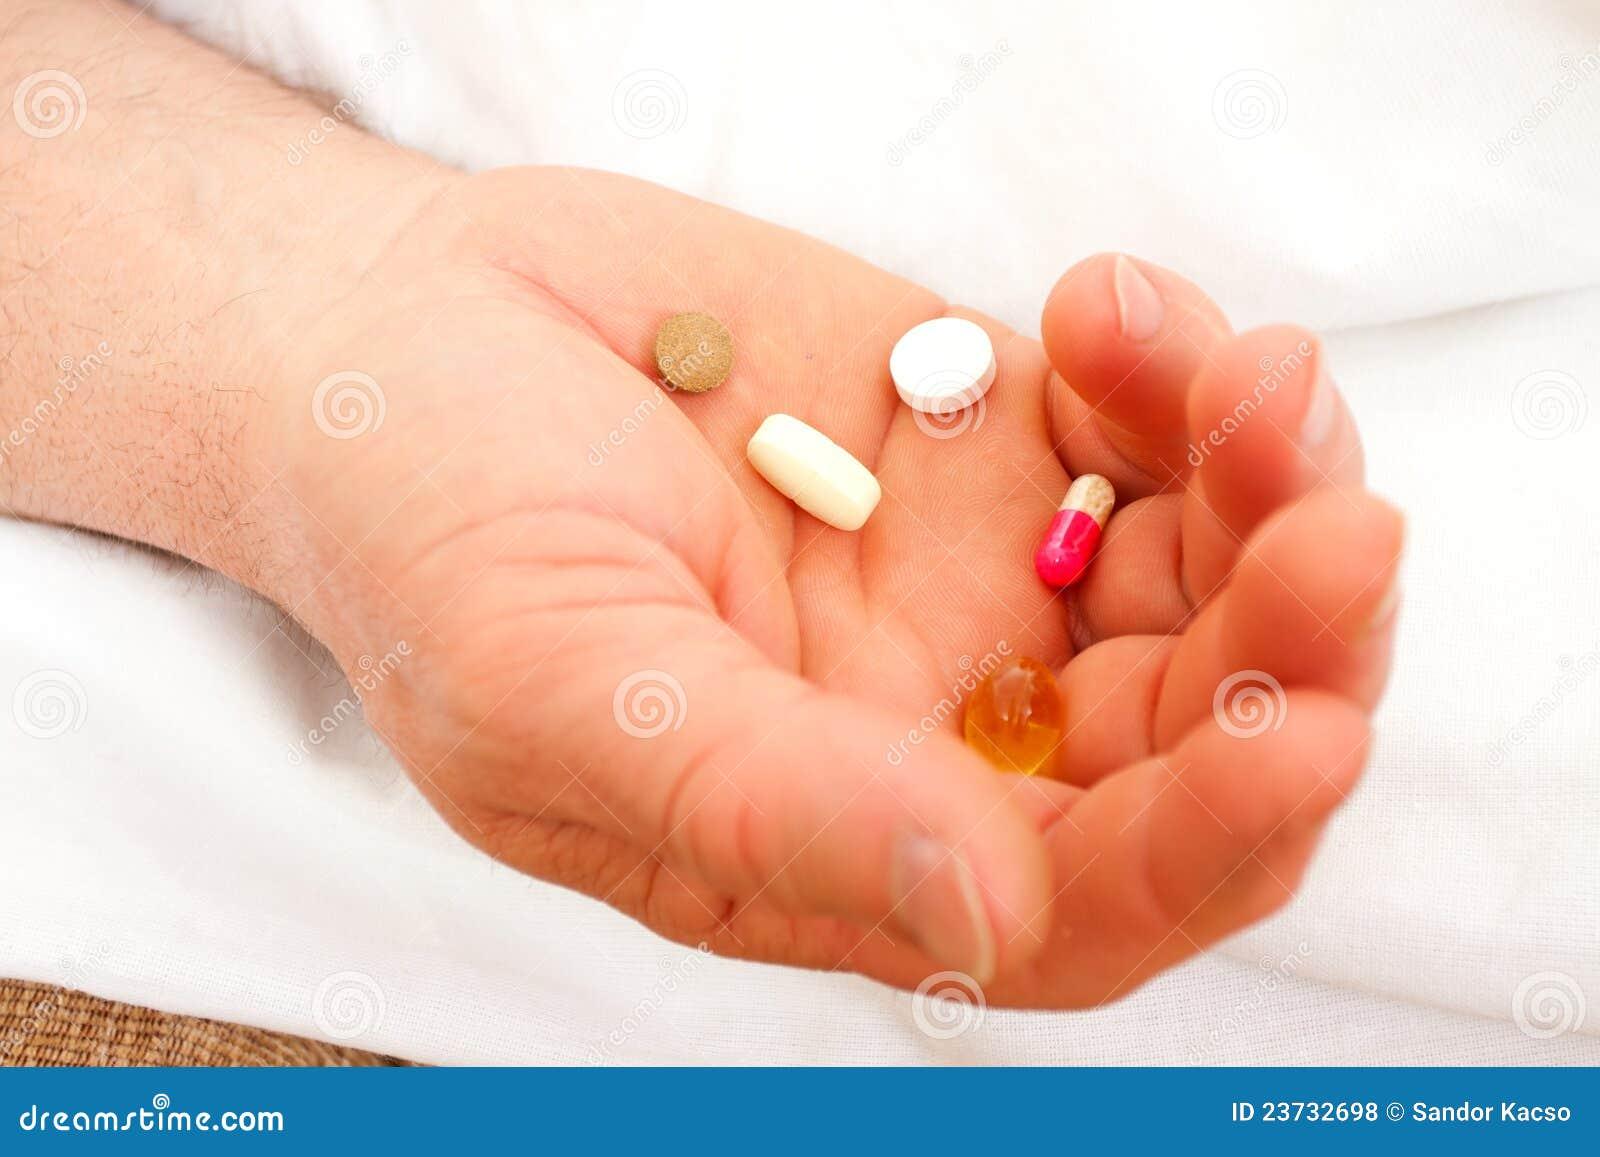 Drogen in der Hand